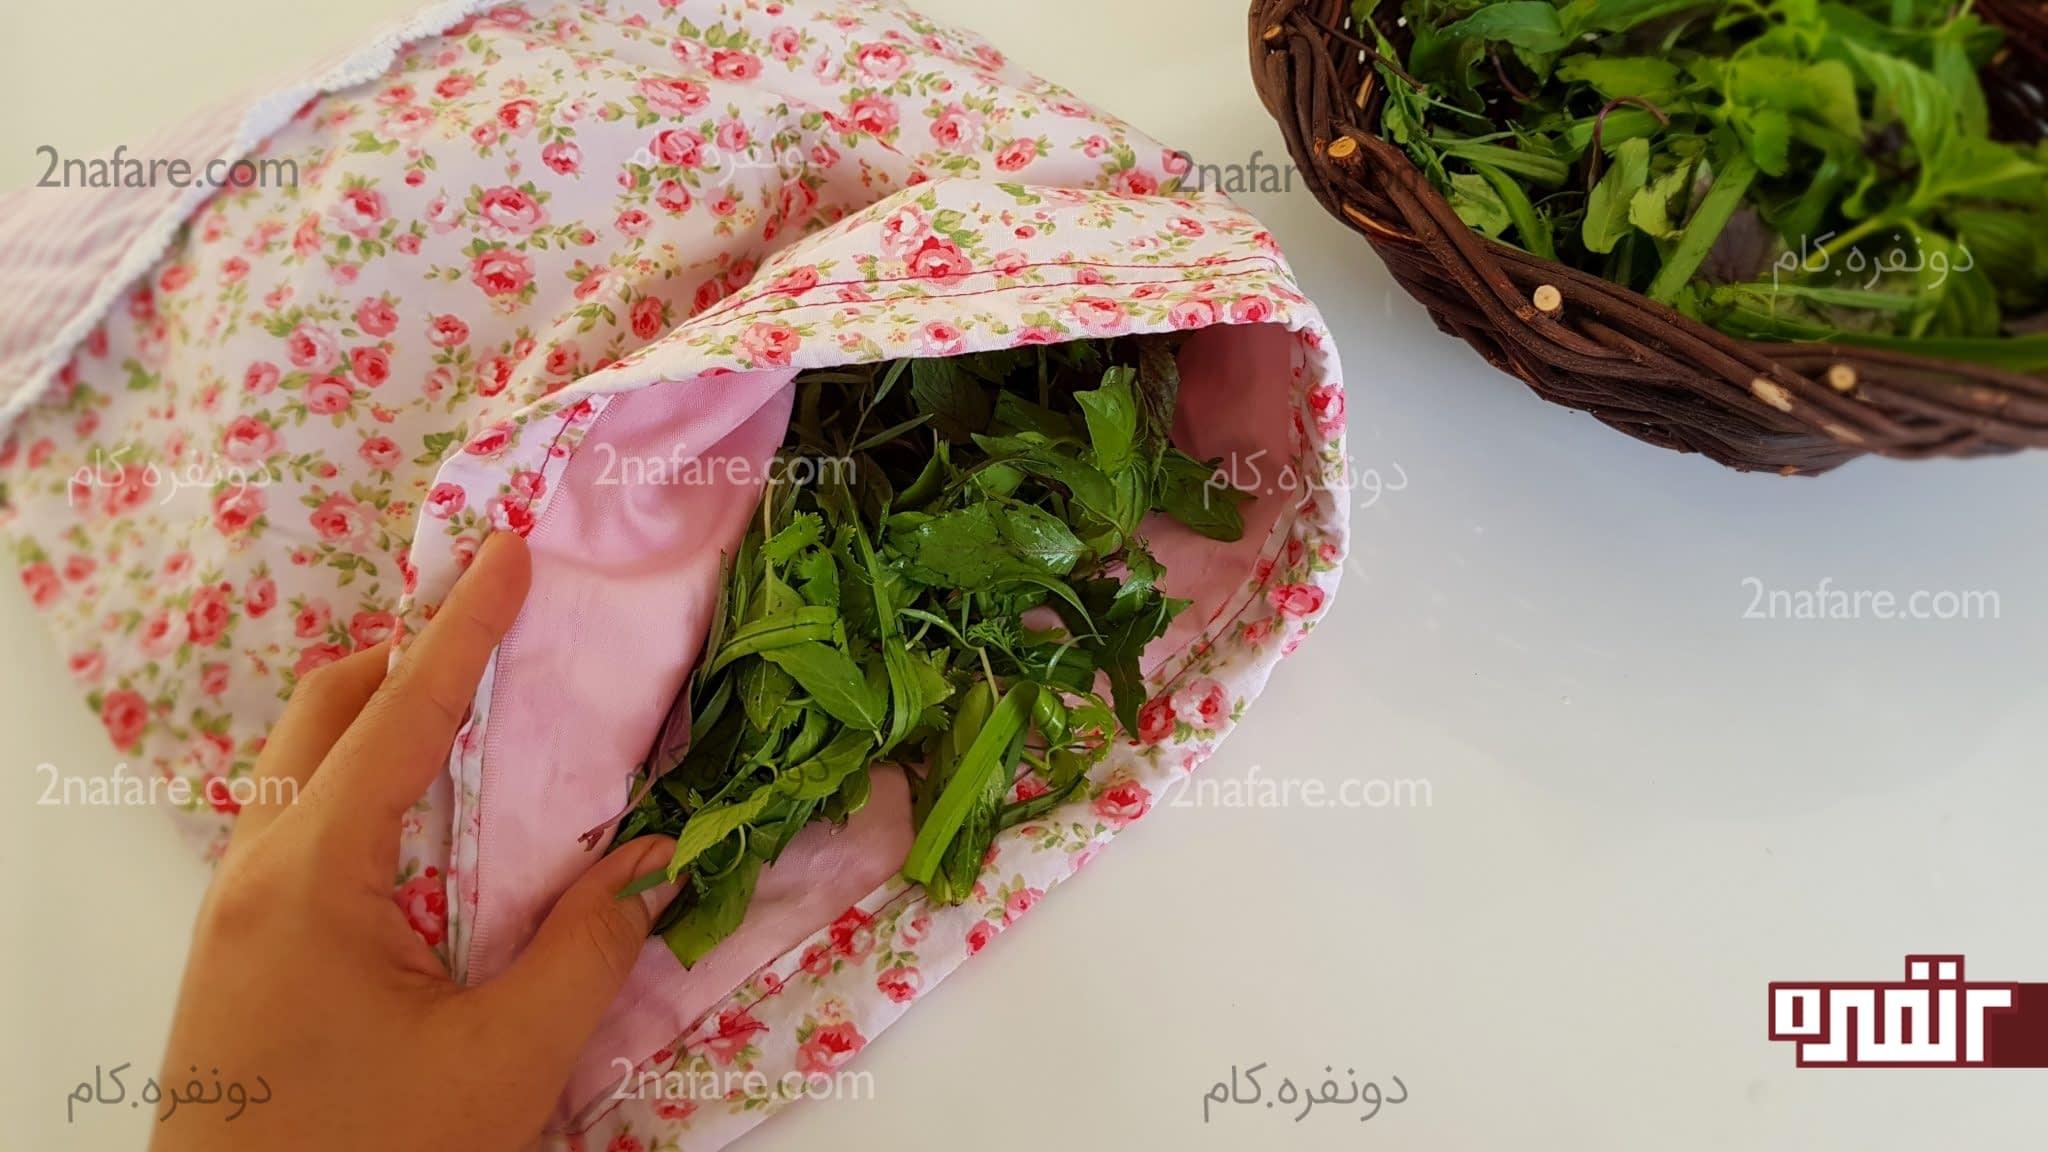 آموزش دوخت کیسه سبزی مرحله به مرحله